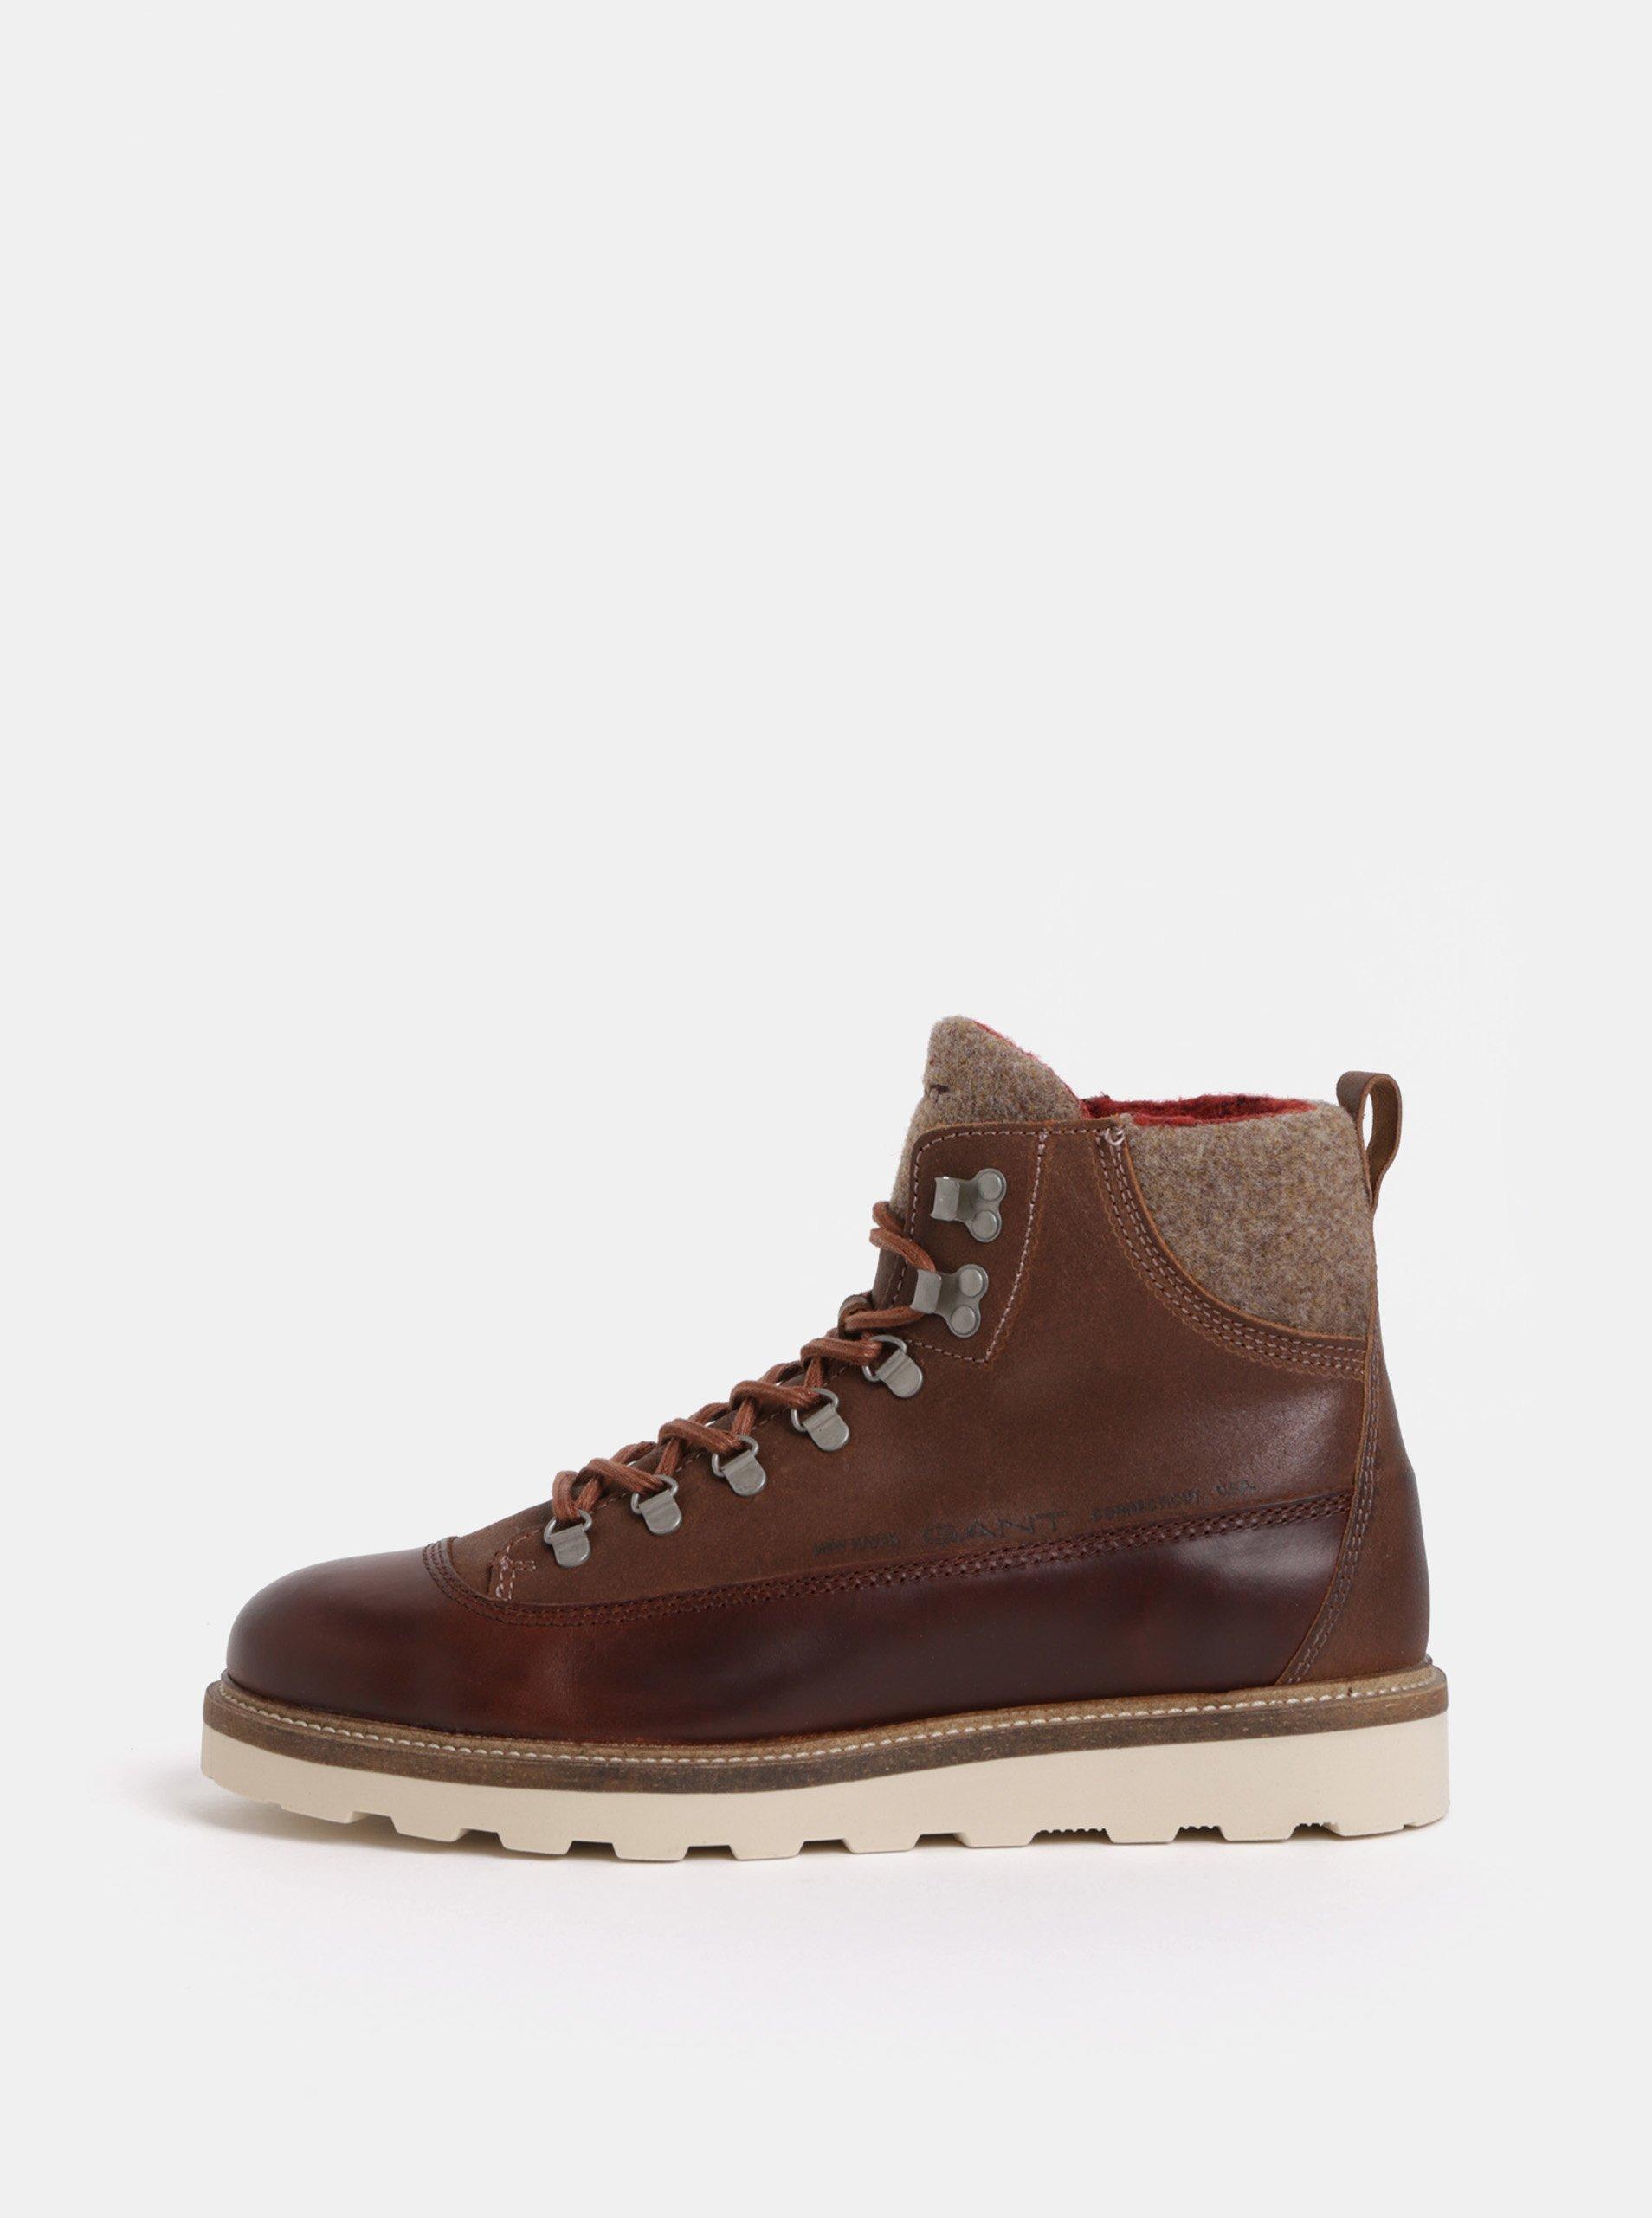 Hnědé pánské kožené kotníkové zimní boty s vlněnou podšívkou GANT Don